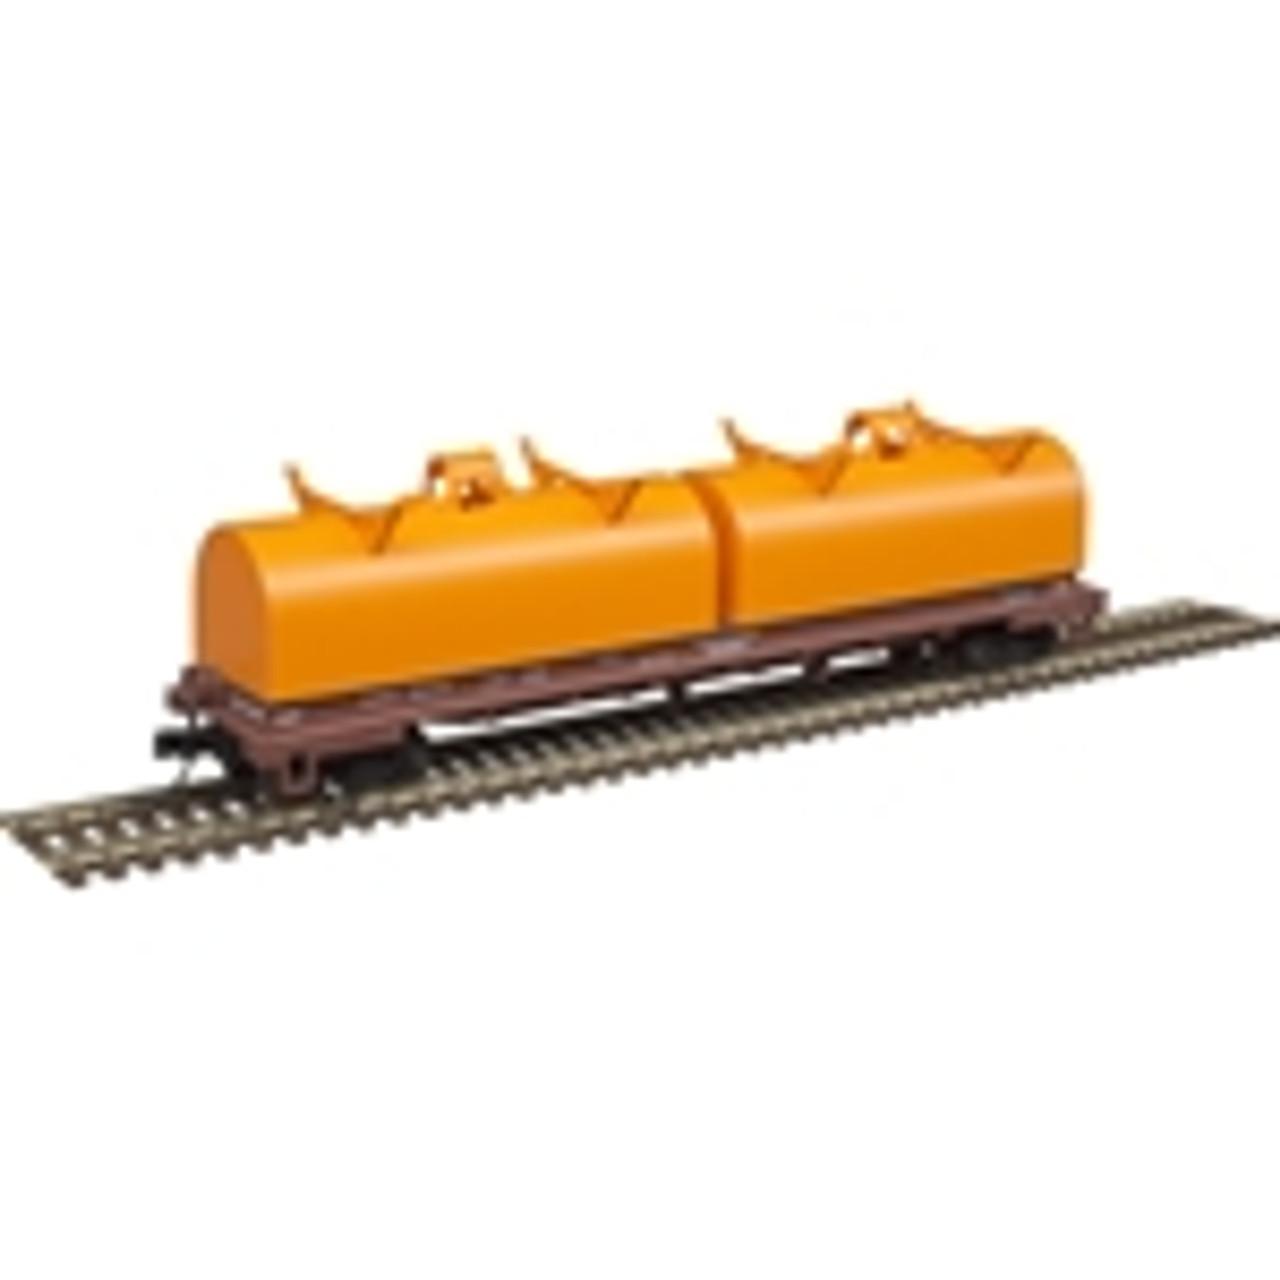 ATLAS 50004651 Cushion Coil Car - South Shore Freight (CSS) #1696 (SCALE=N) Part # 150-50004651